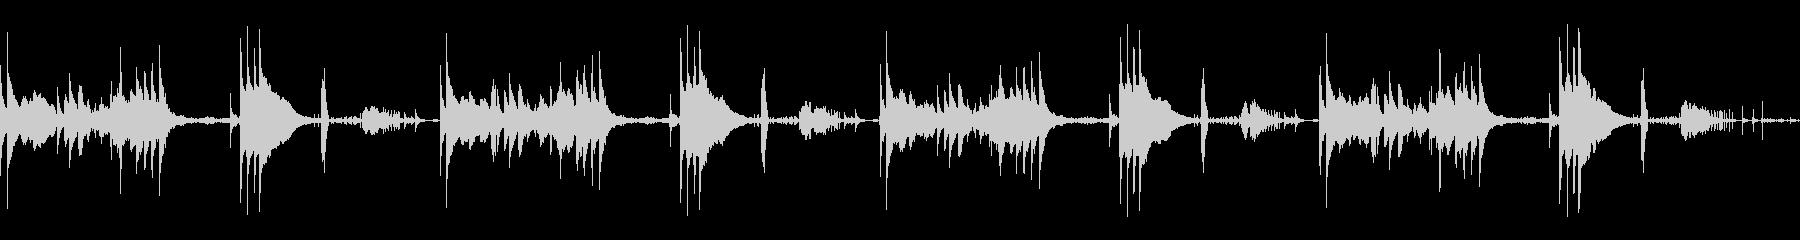 ほのぼのしたアコースティック楽曲の未再生の波形